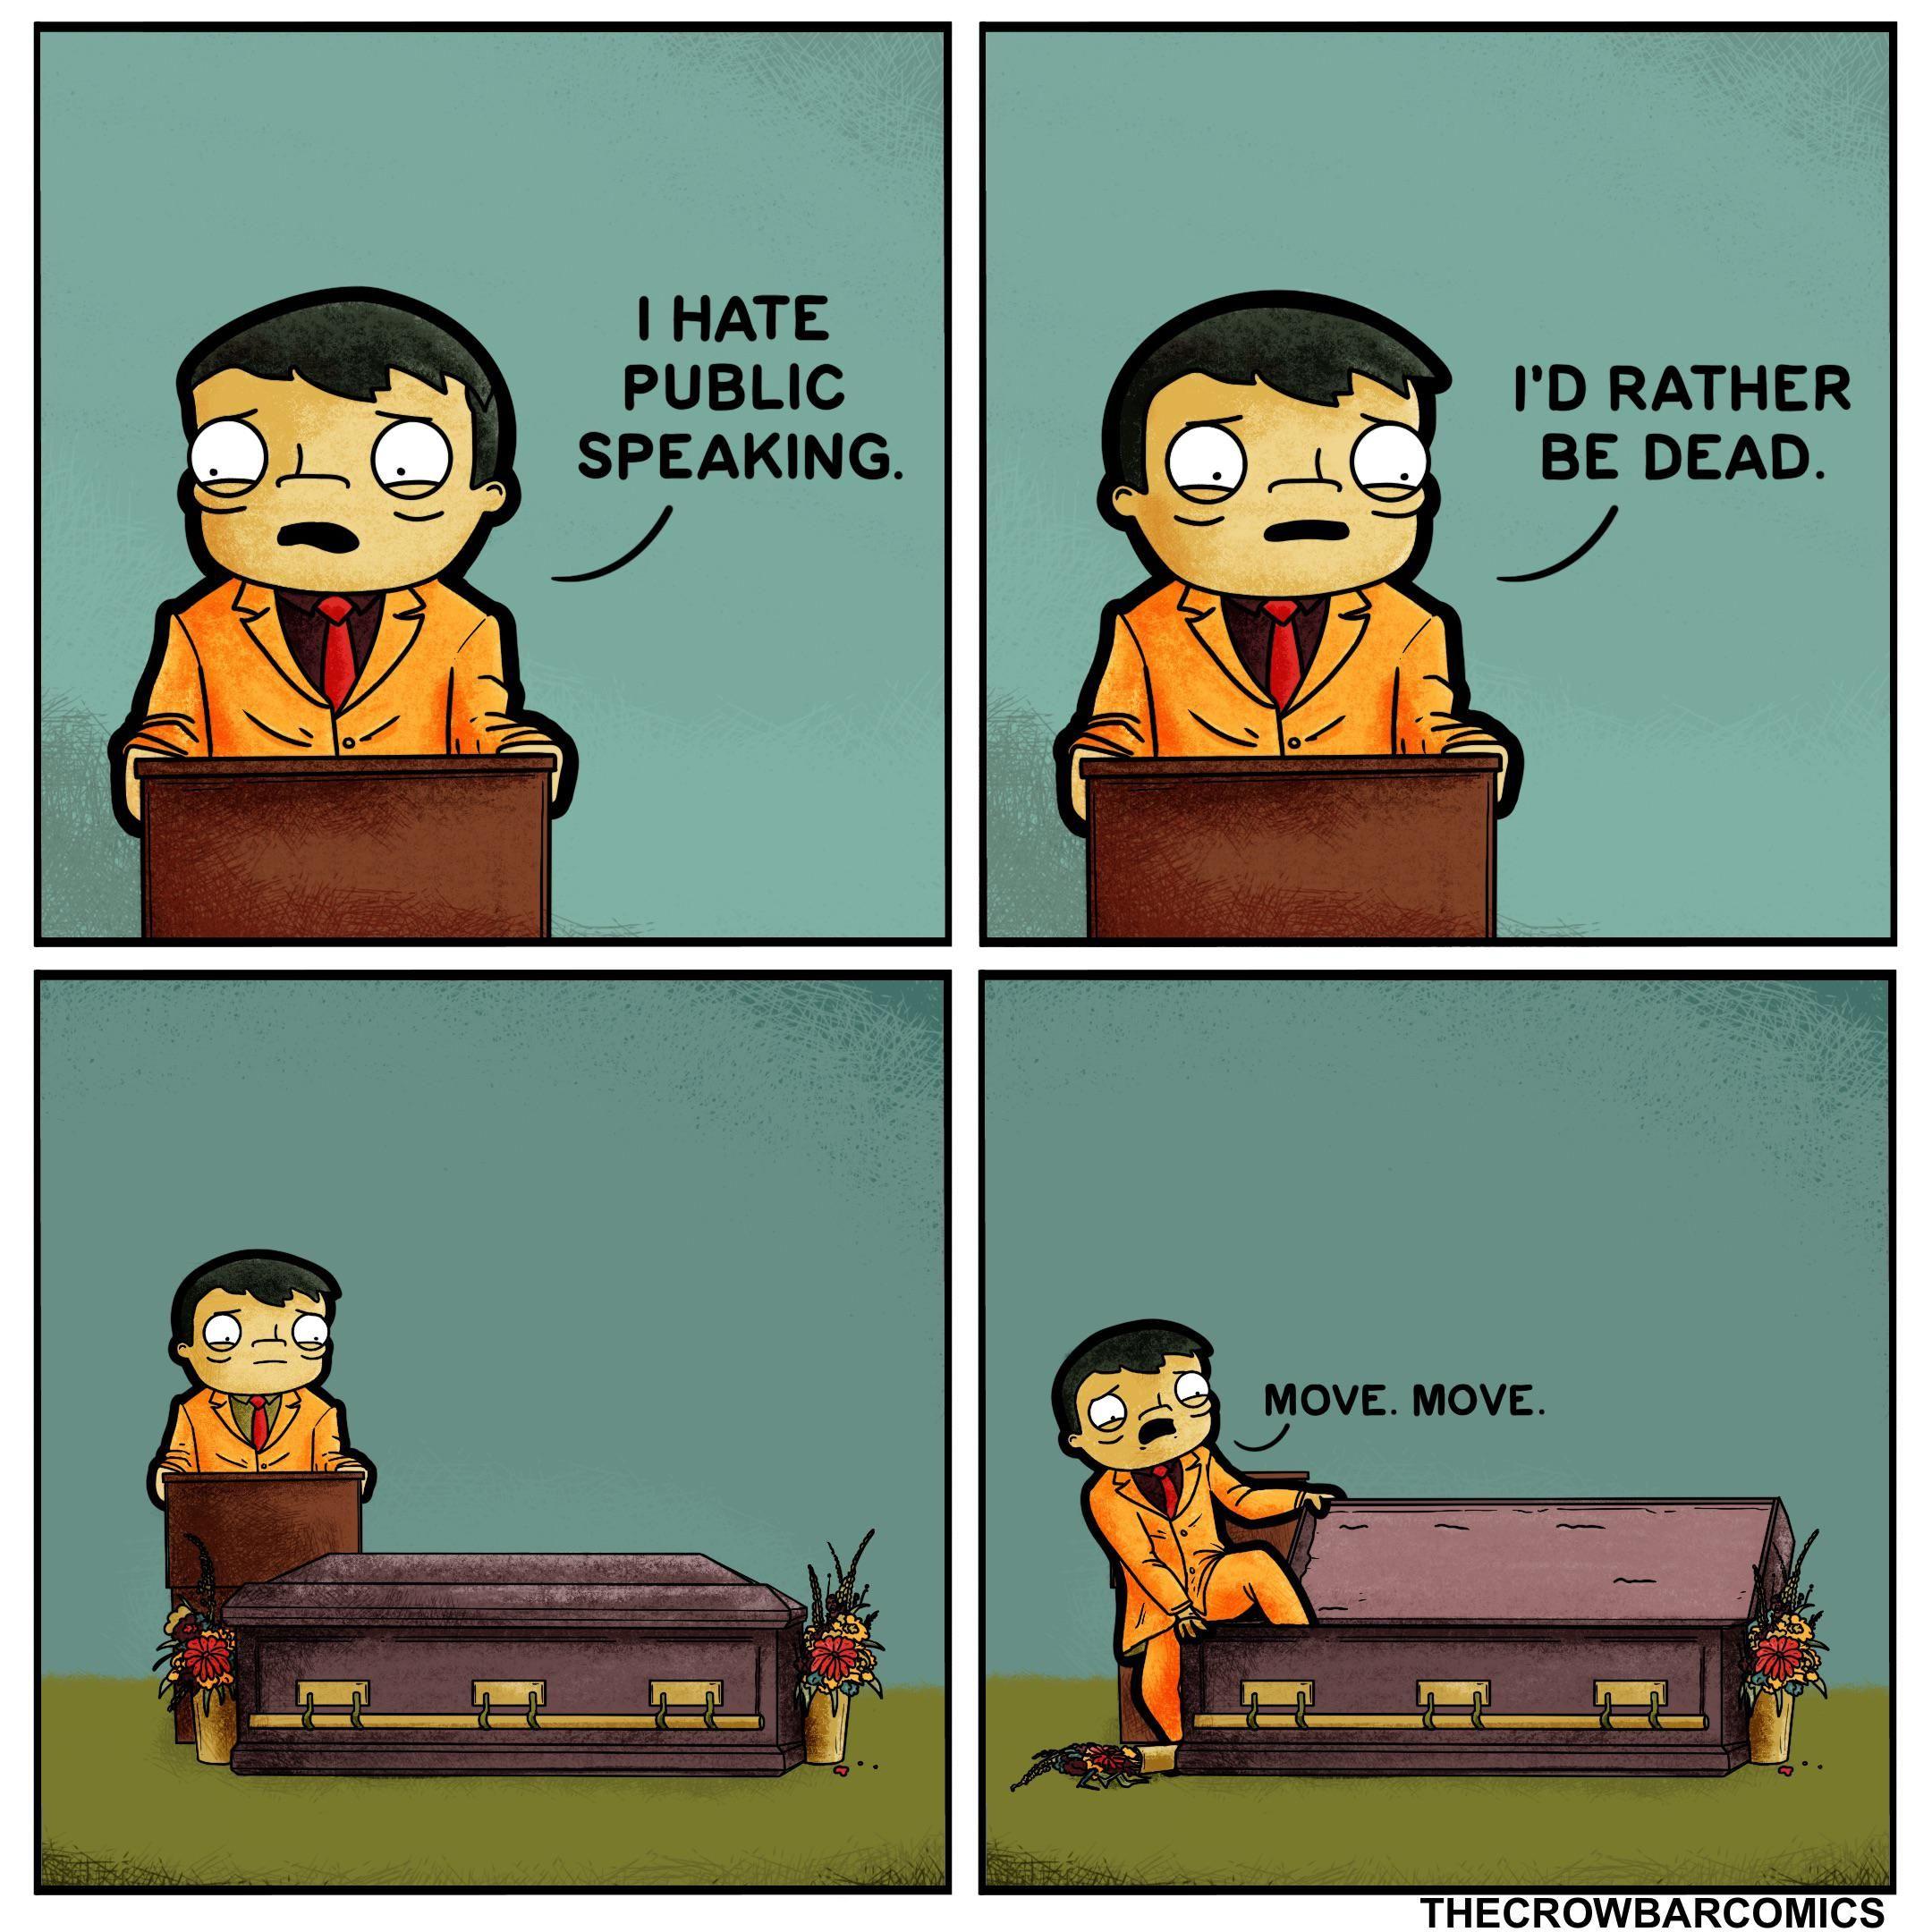 public speaking.